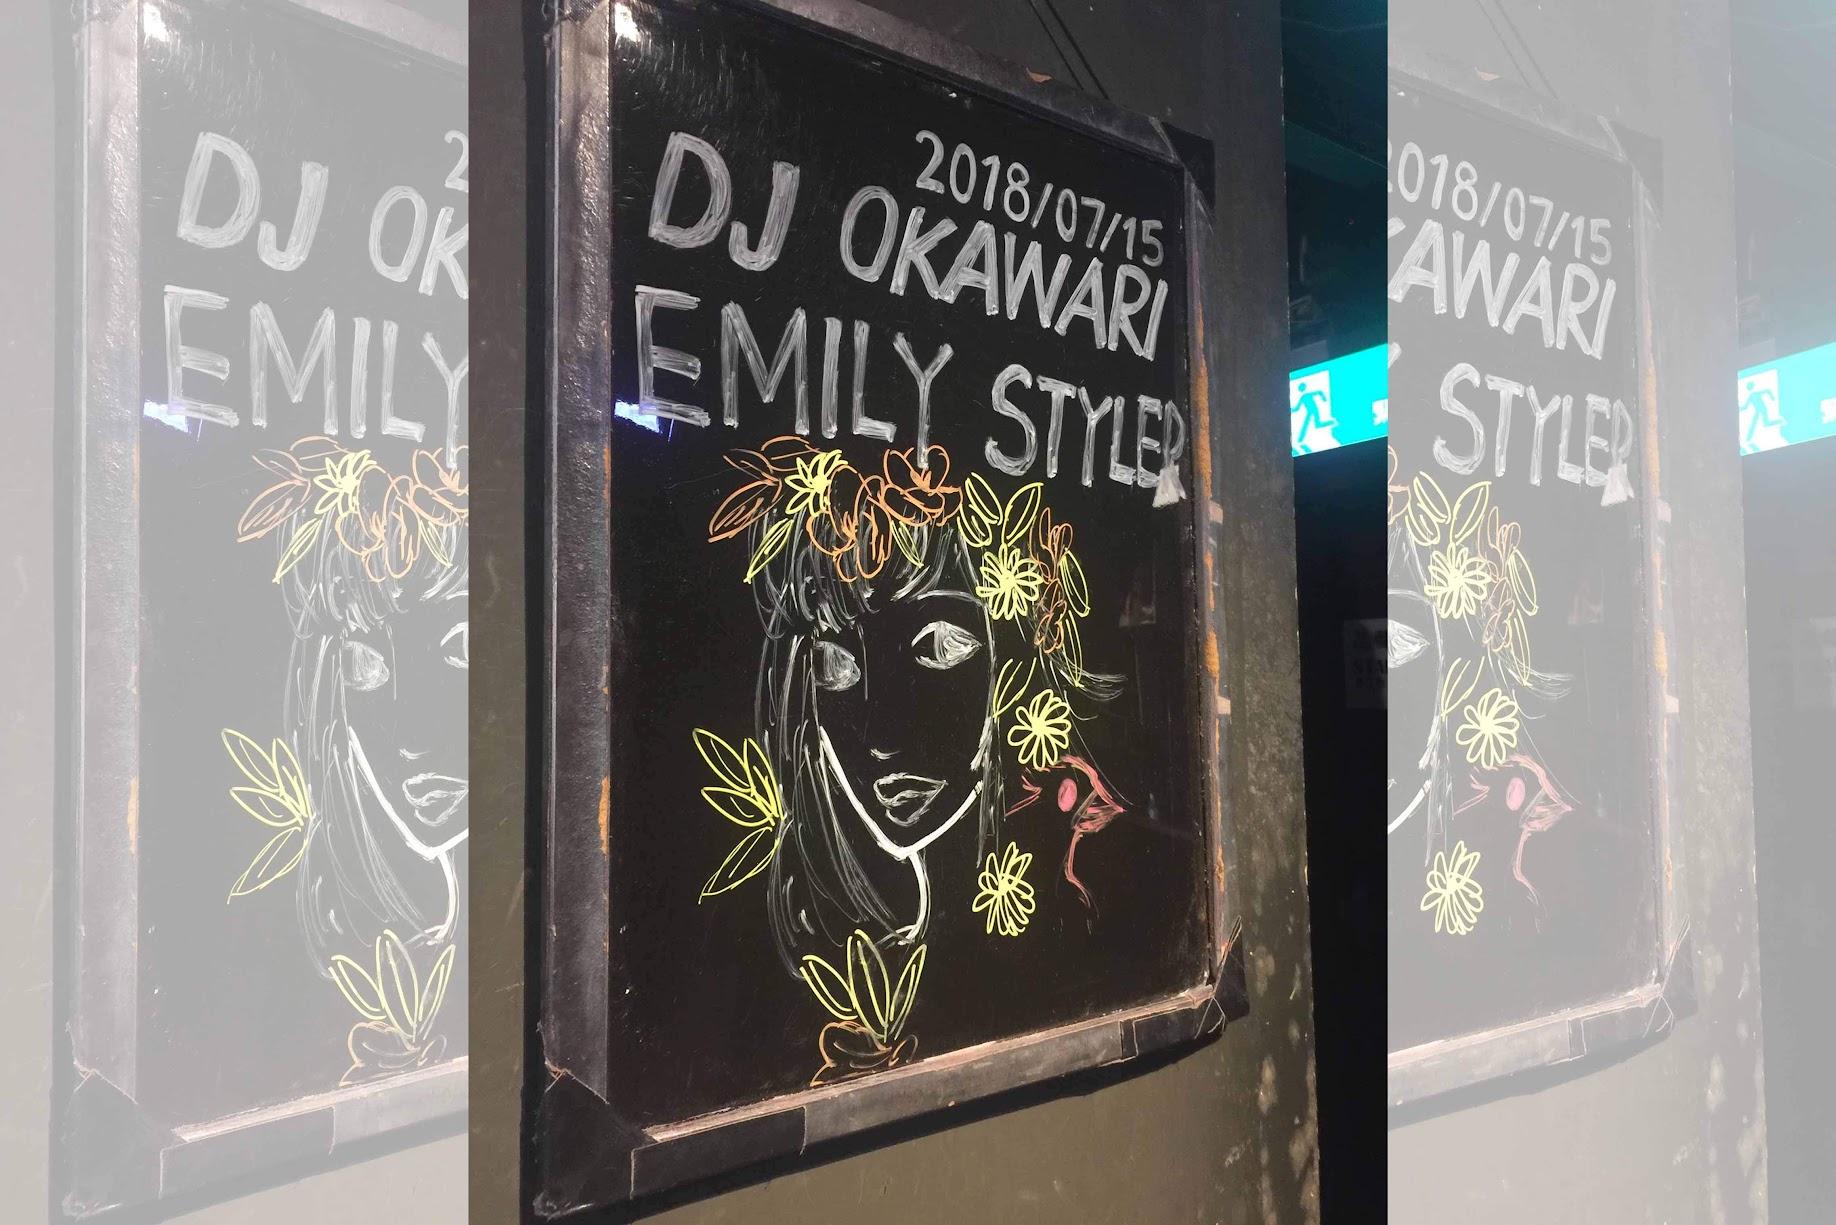 【迷迷現場】 DJ OKAWARI 融合生活啟發共鳴 揮灑出多采多姿美妙音樂